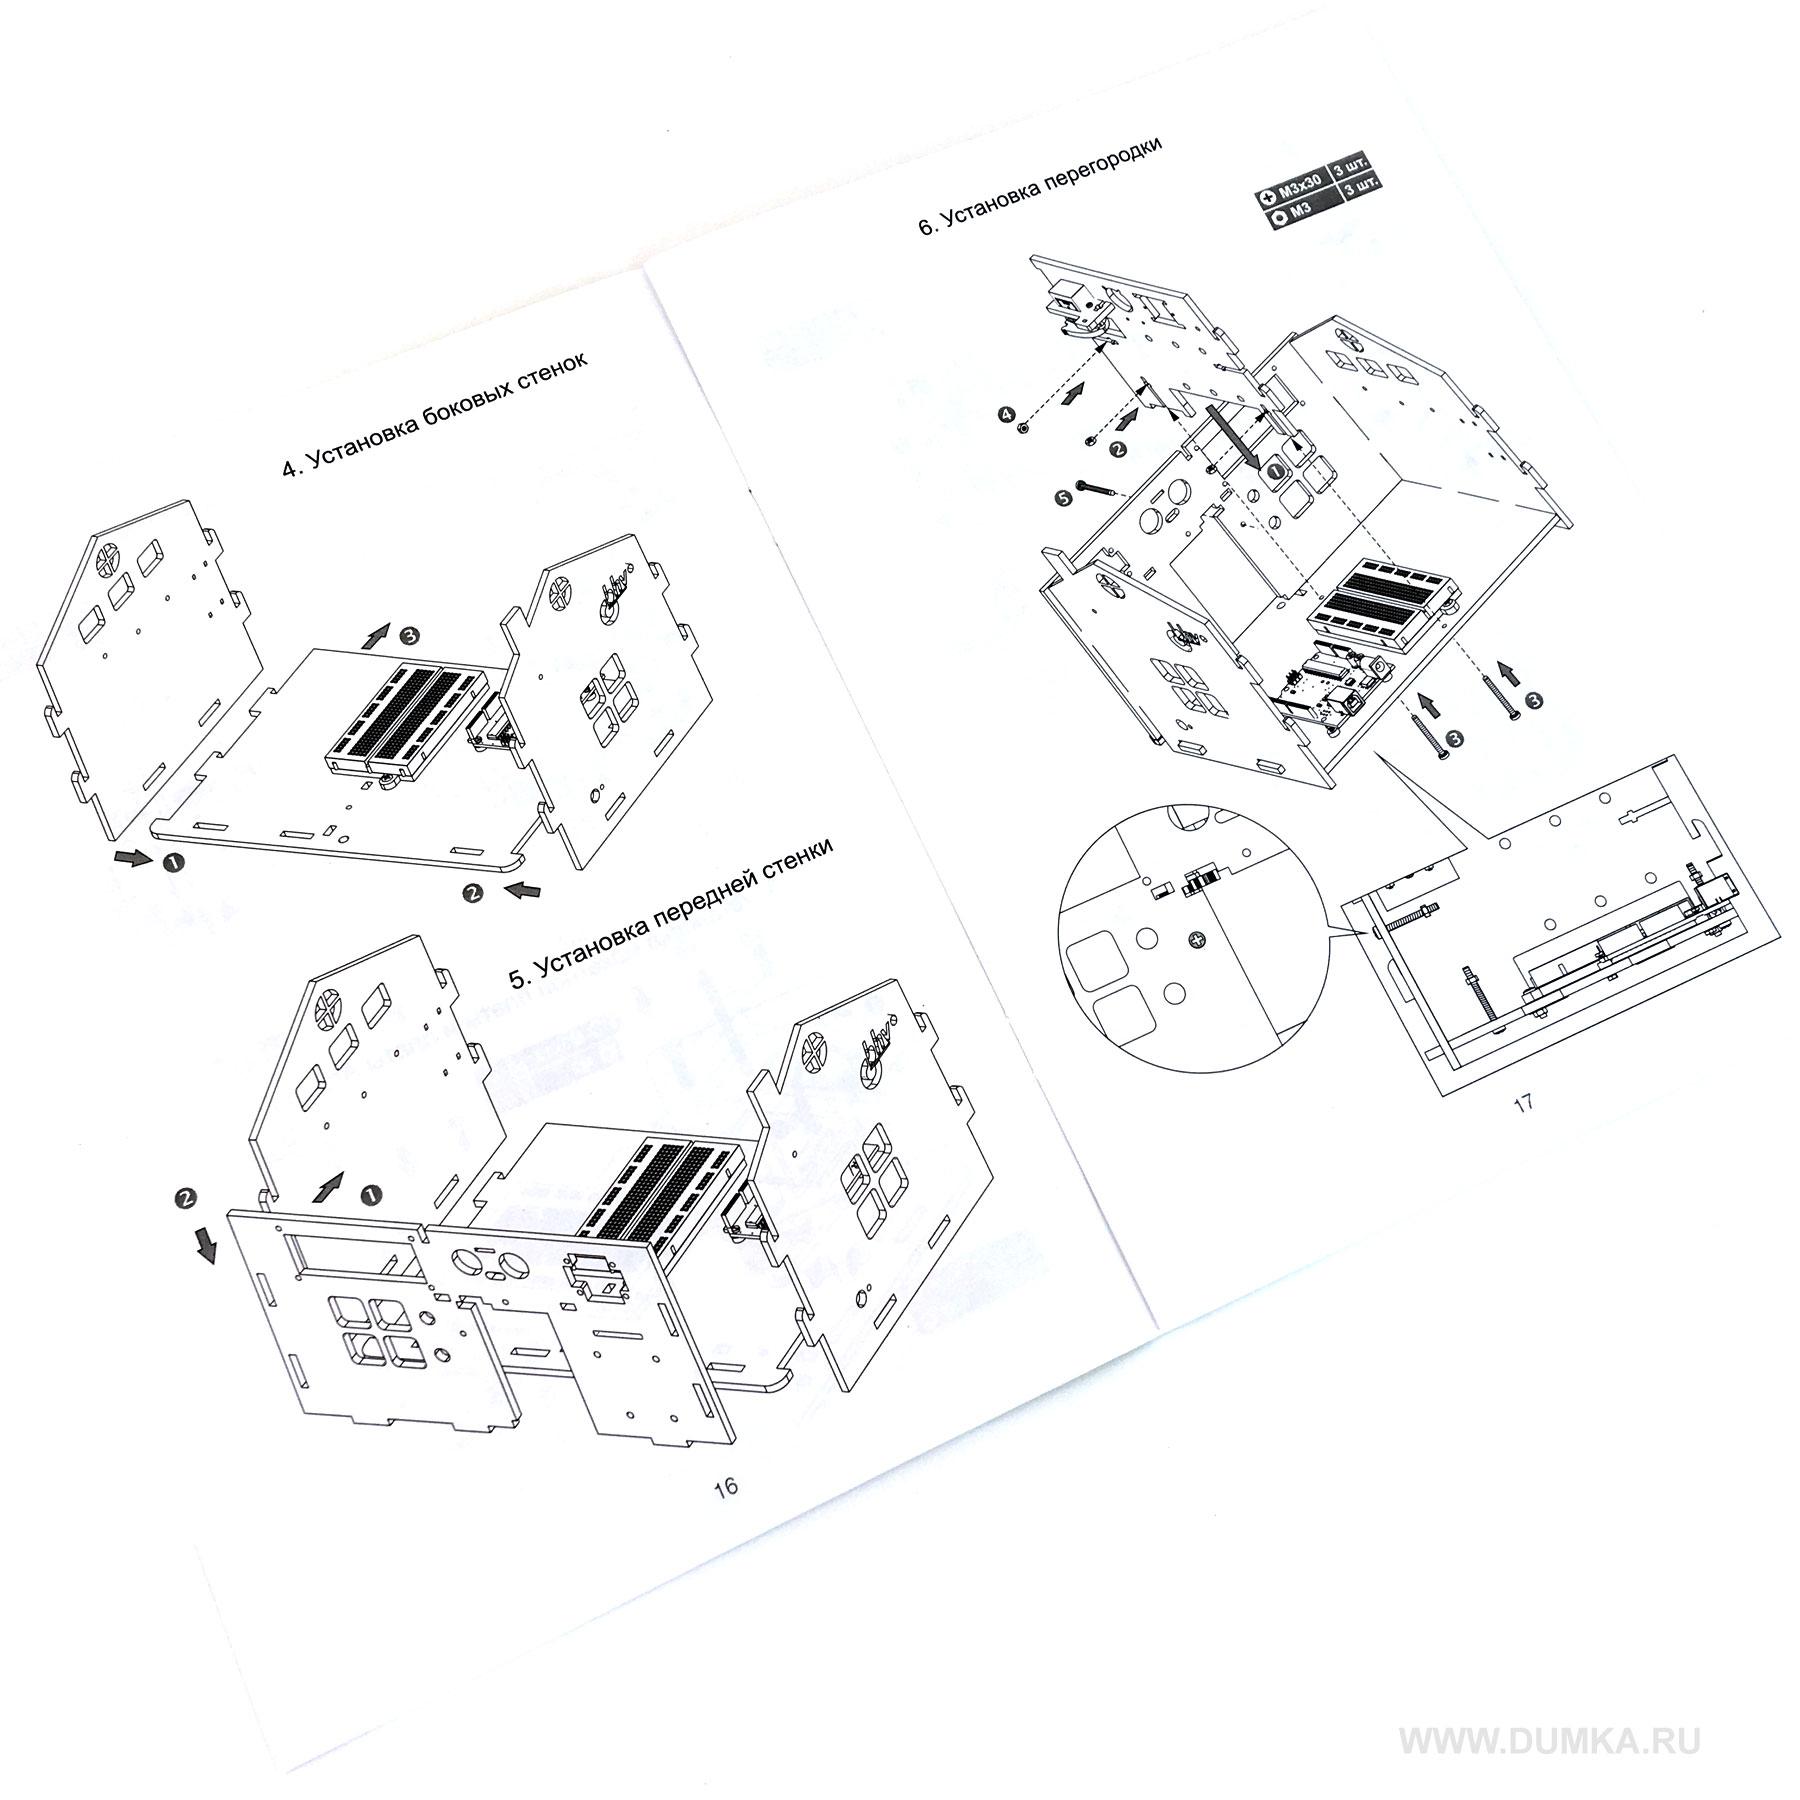 nabor-po-elektronike-umnyi-dom-na-baze-arduino-foto-tdx-978-5-9775-6608-7-22.jpg